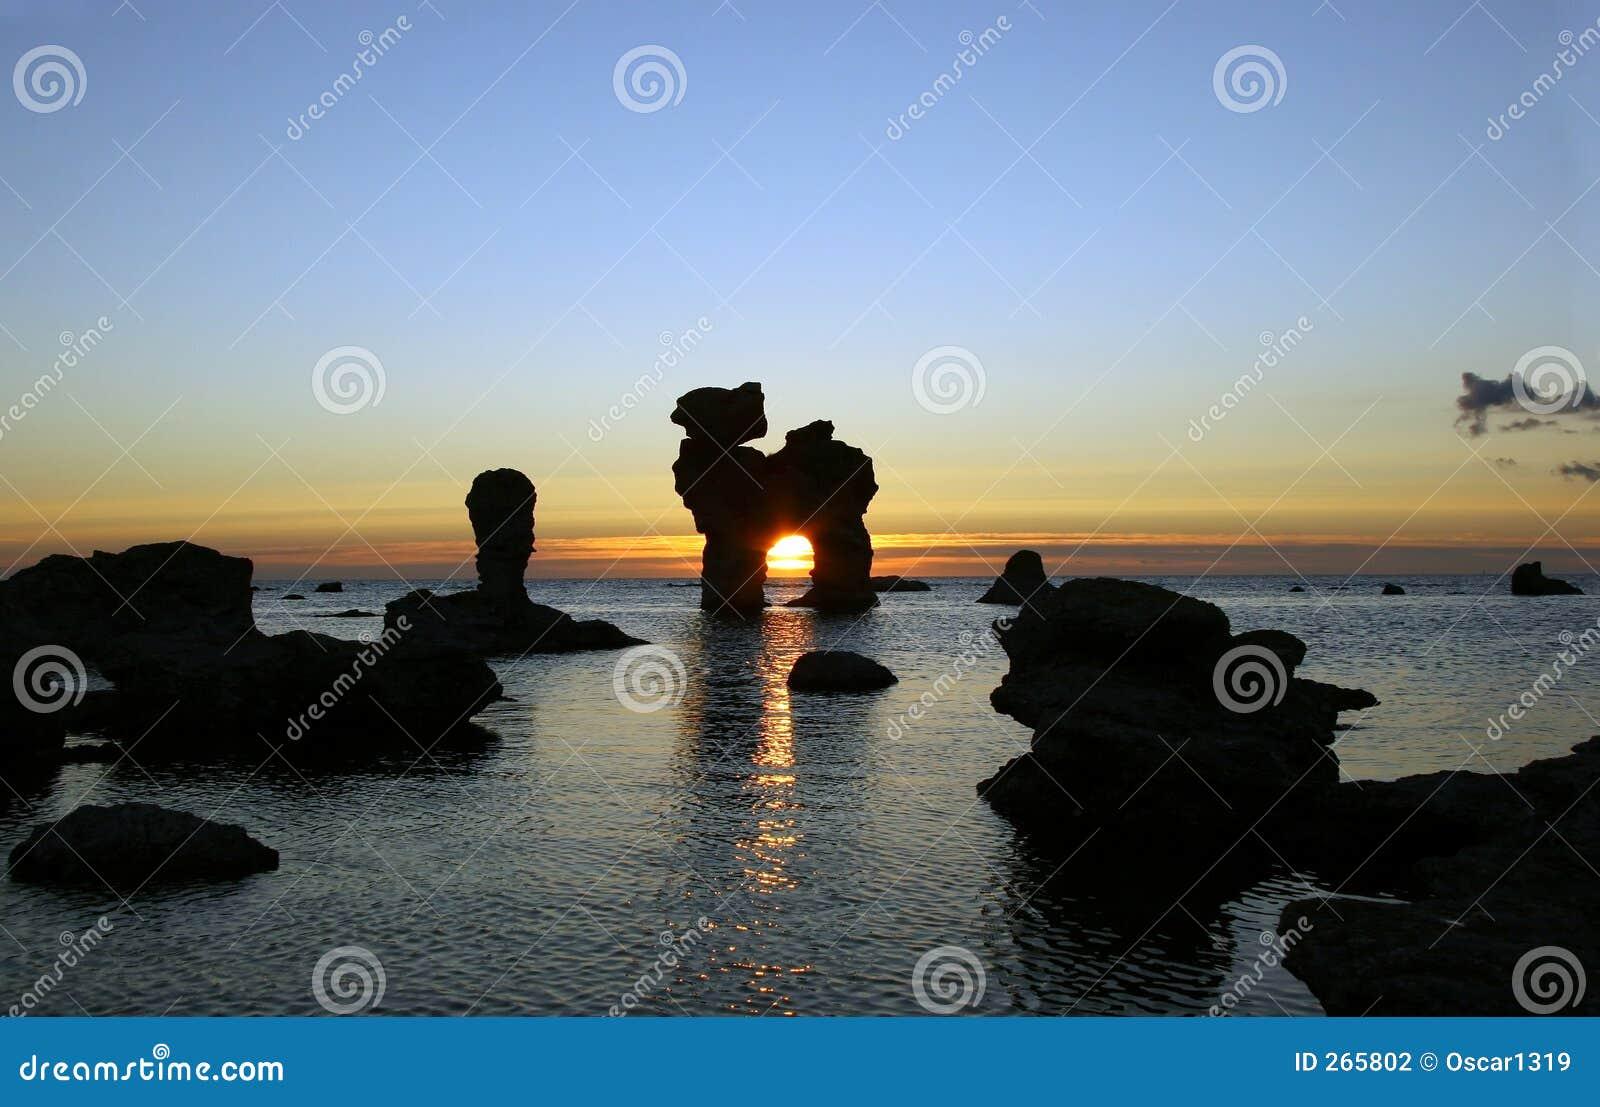 Tramonto con le rocce